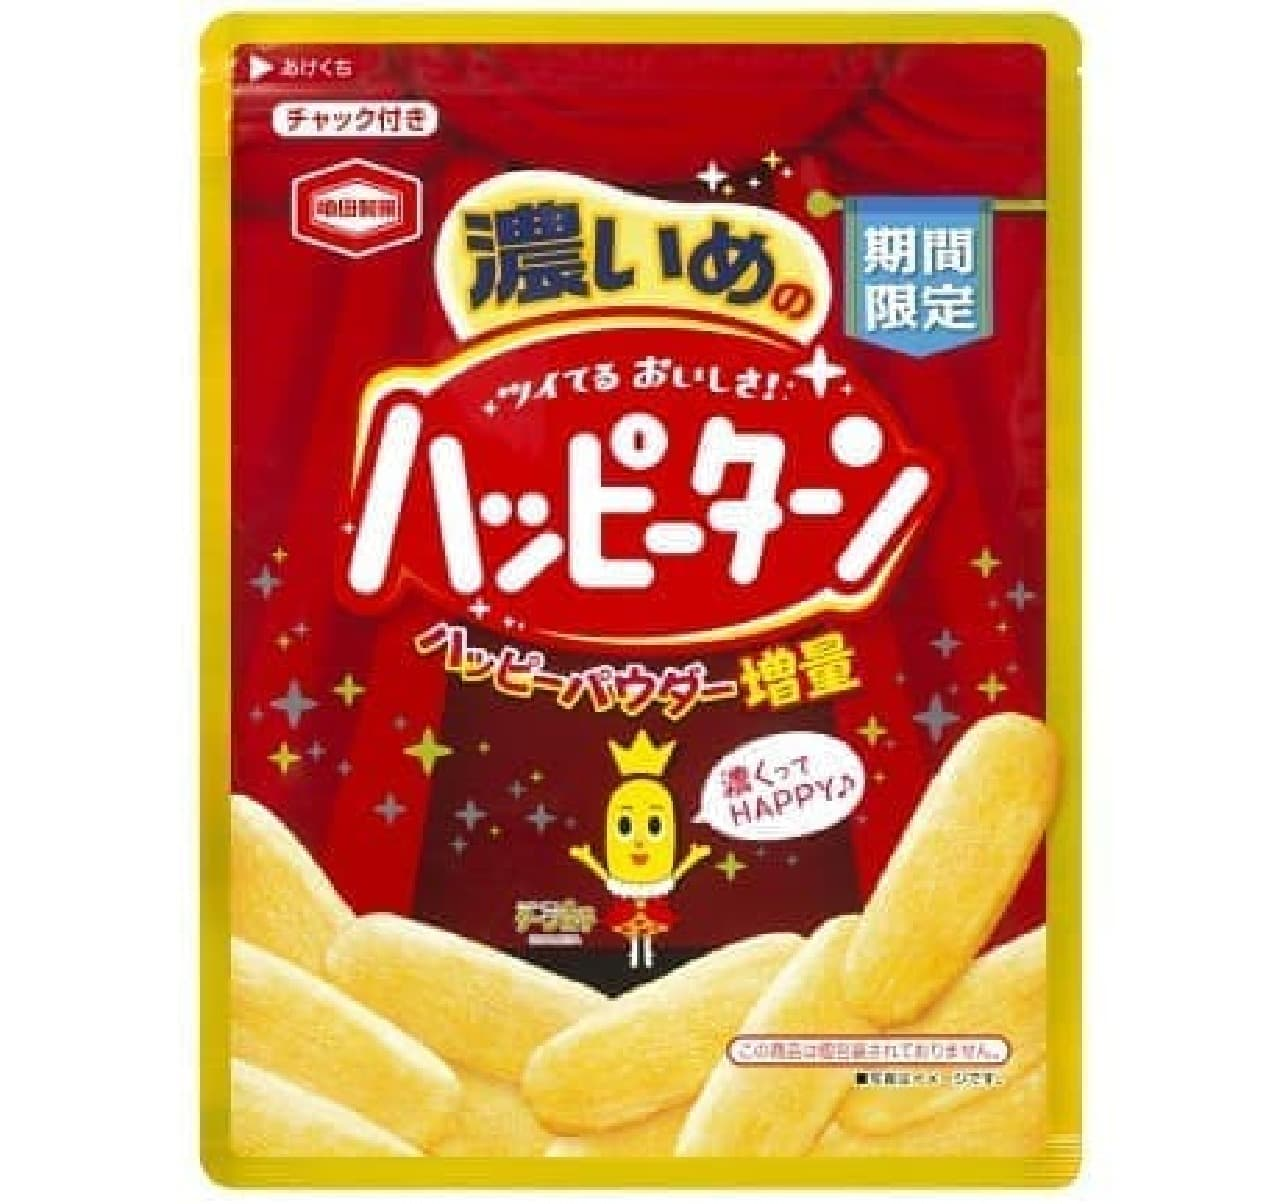 亀田製菓「濃いめのハッピーターン」